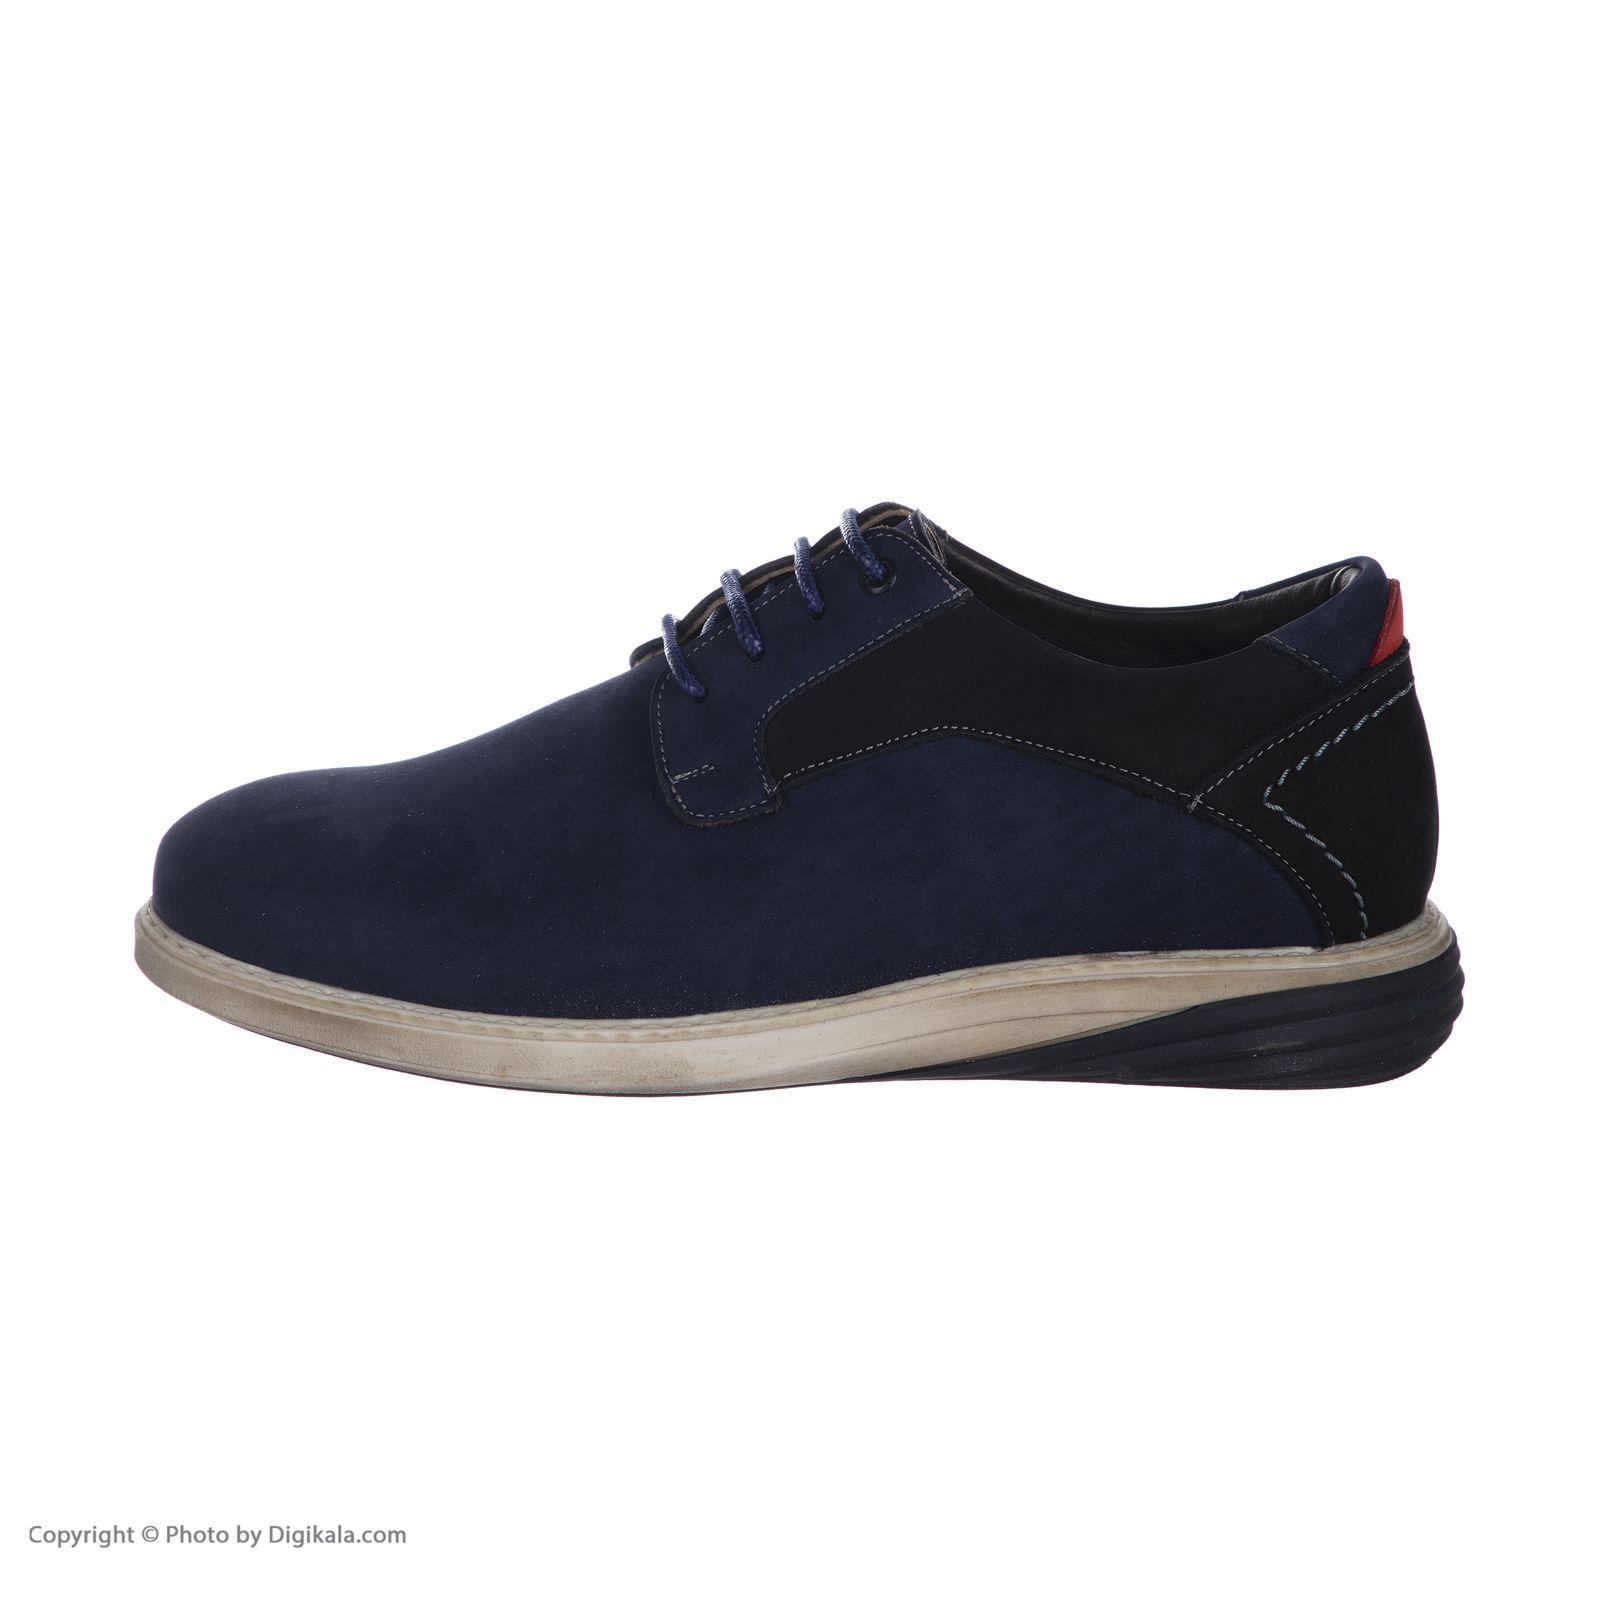 کفش روزمره مردانه دانادل مدل 8612A503103 -  - 1